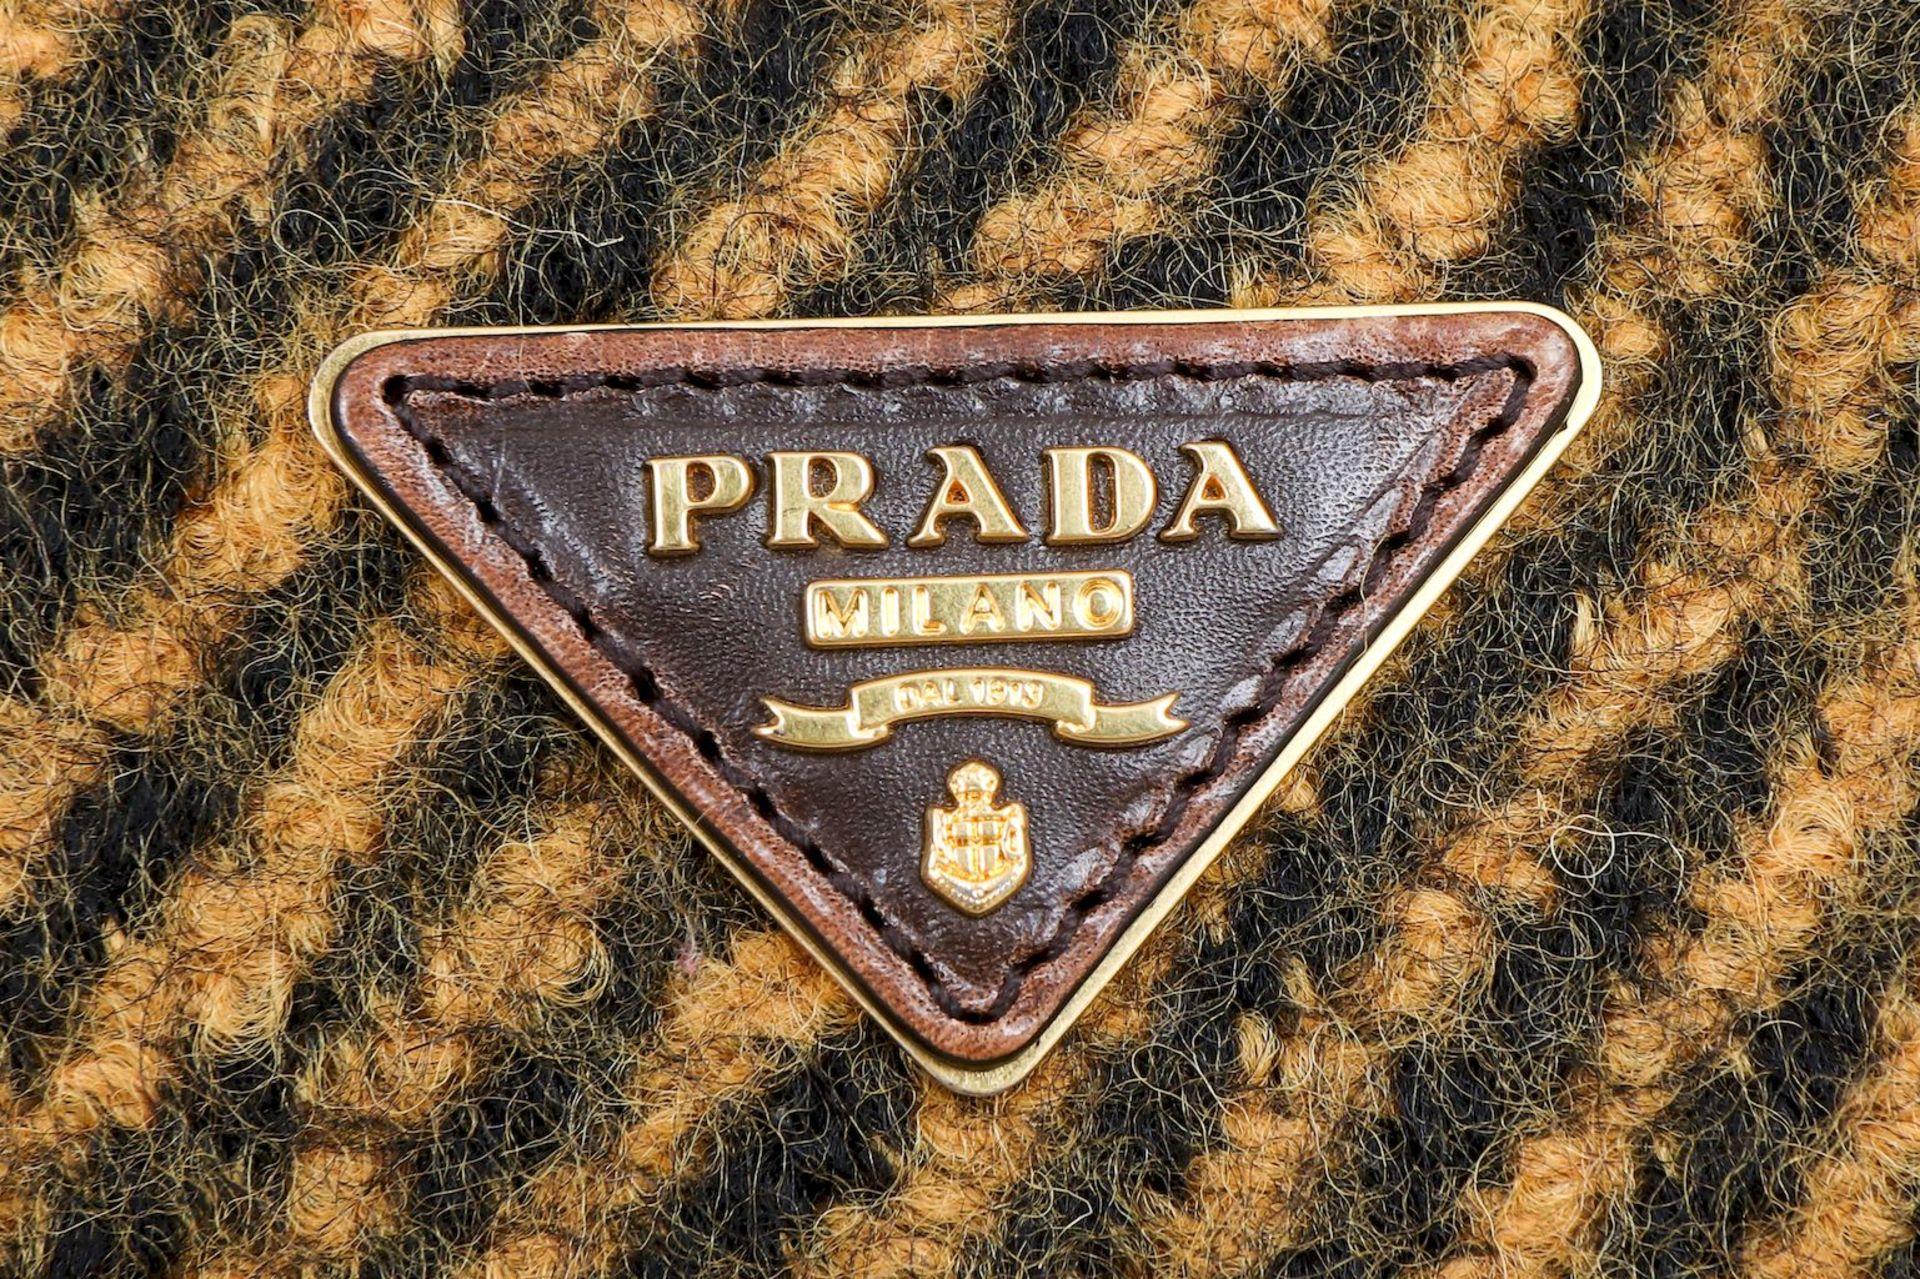 PRADA Clutch / Necessaire - Image 4 of 5